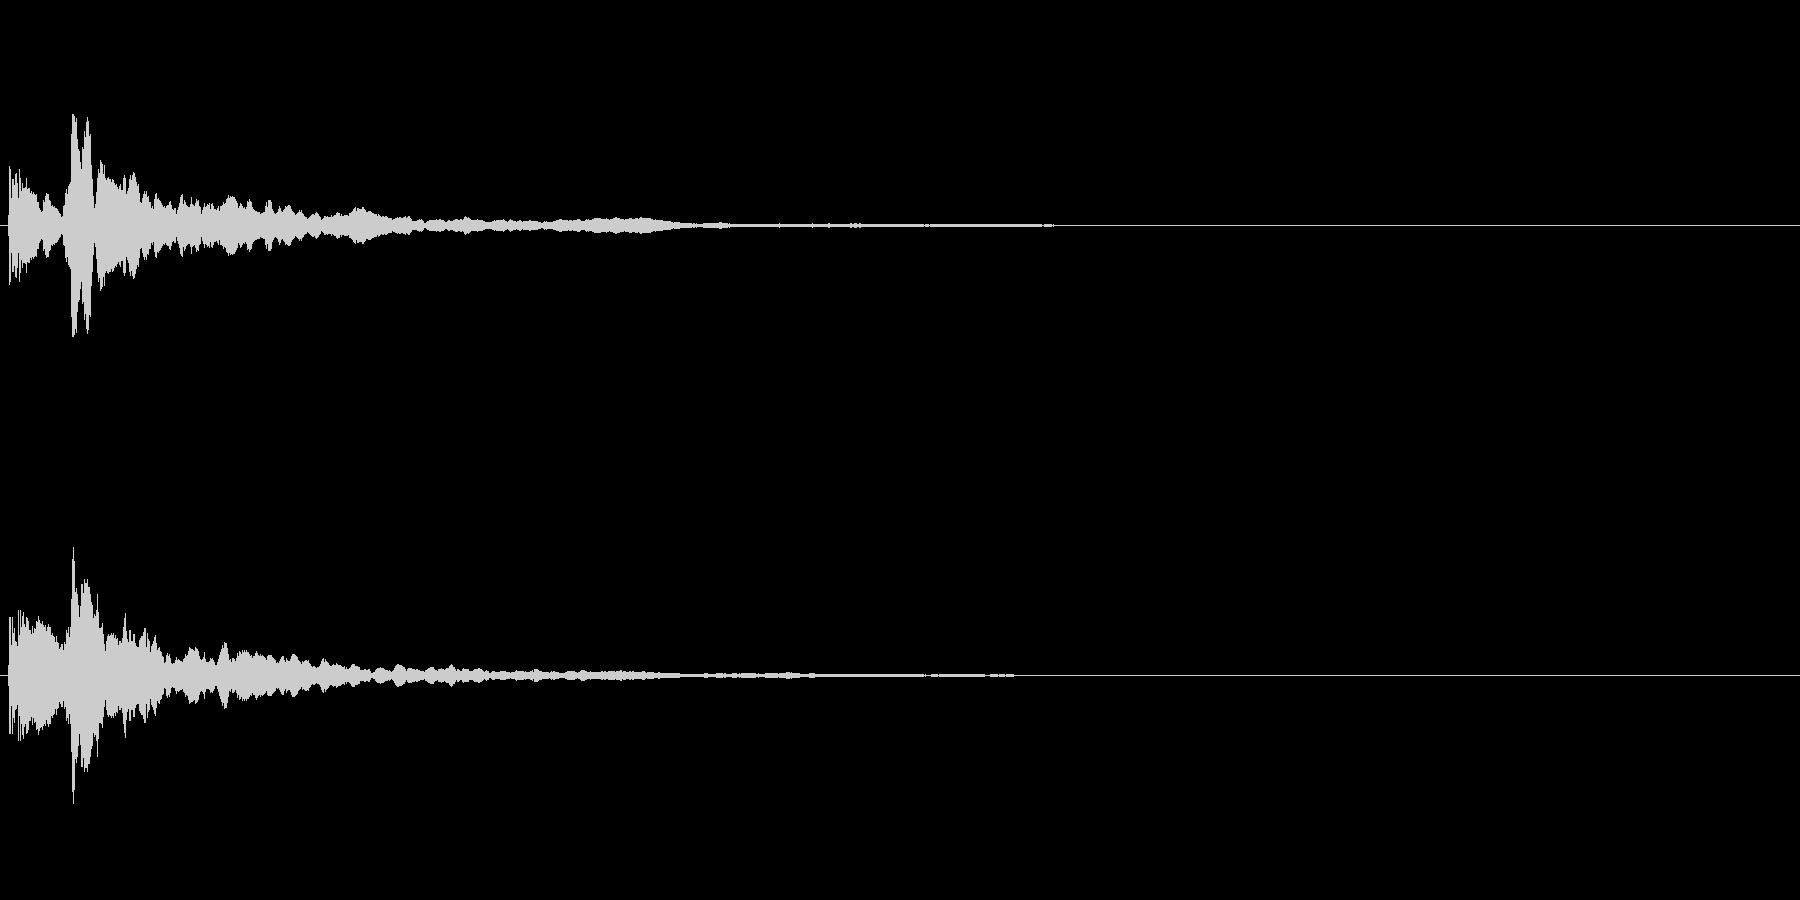 スタートボタン音01(長め)の未再生の波形